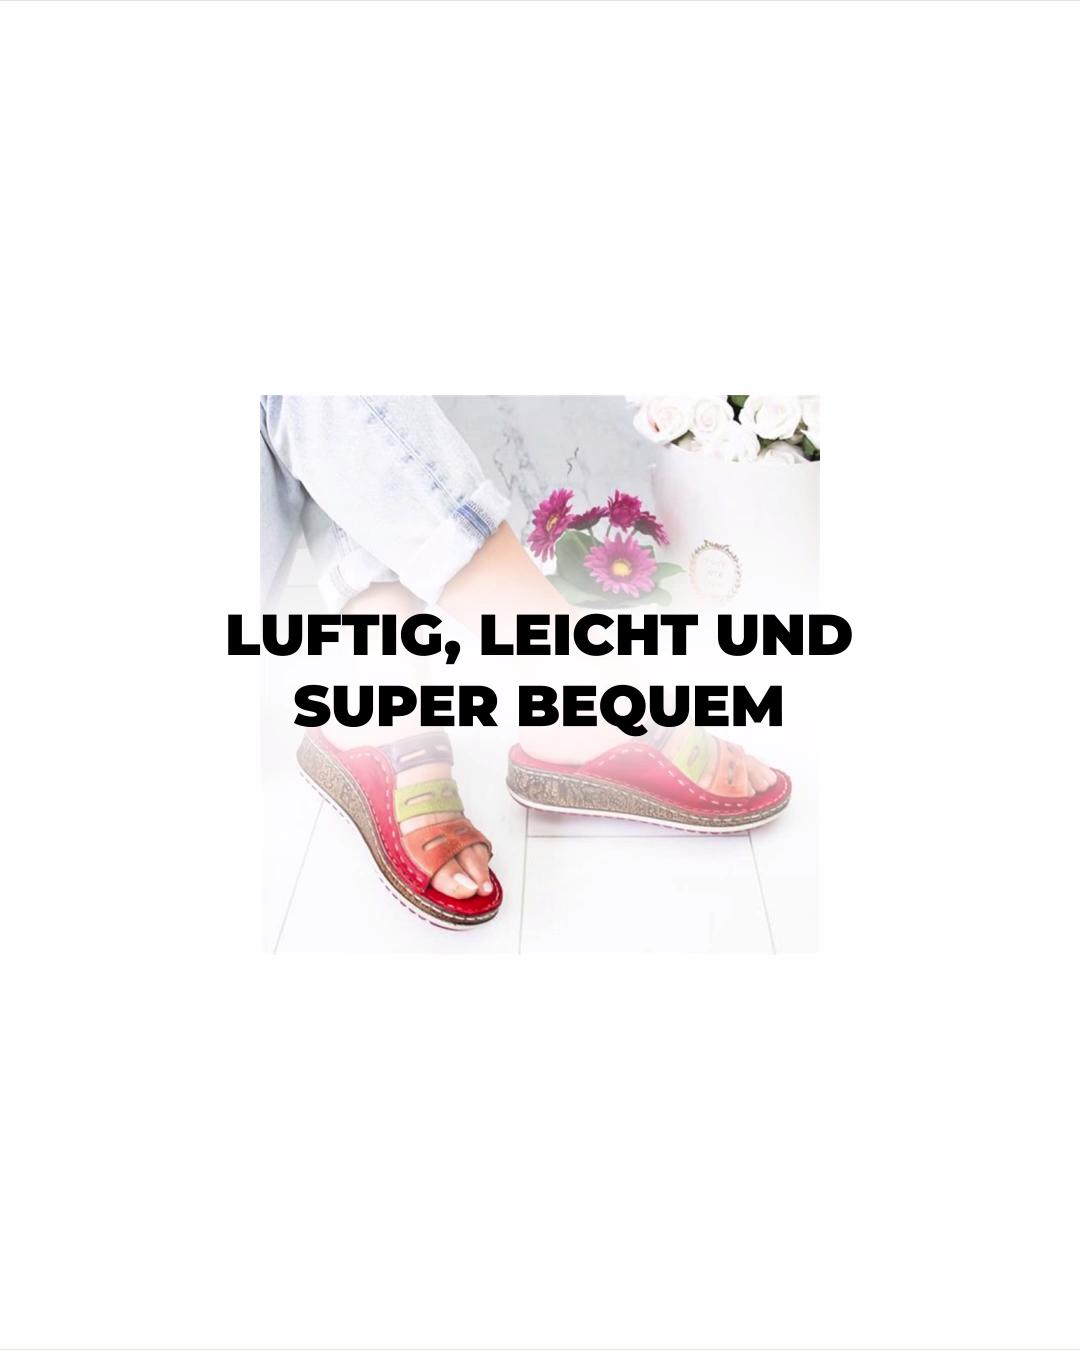 Photo of Luftige, leichte und super bequeme Sandalen.